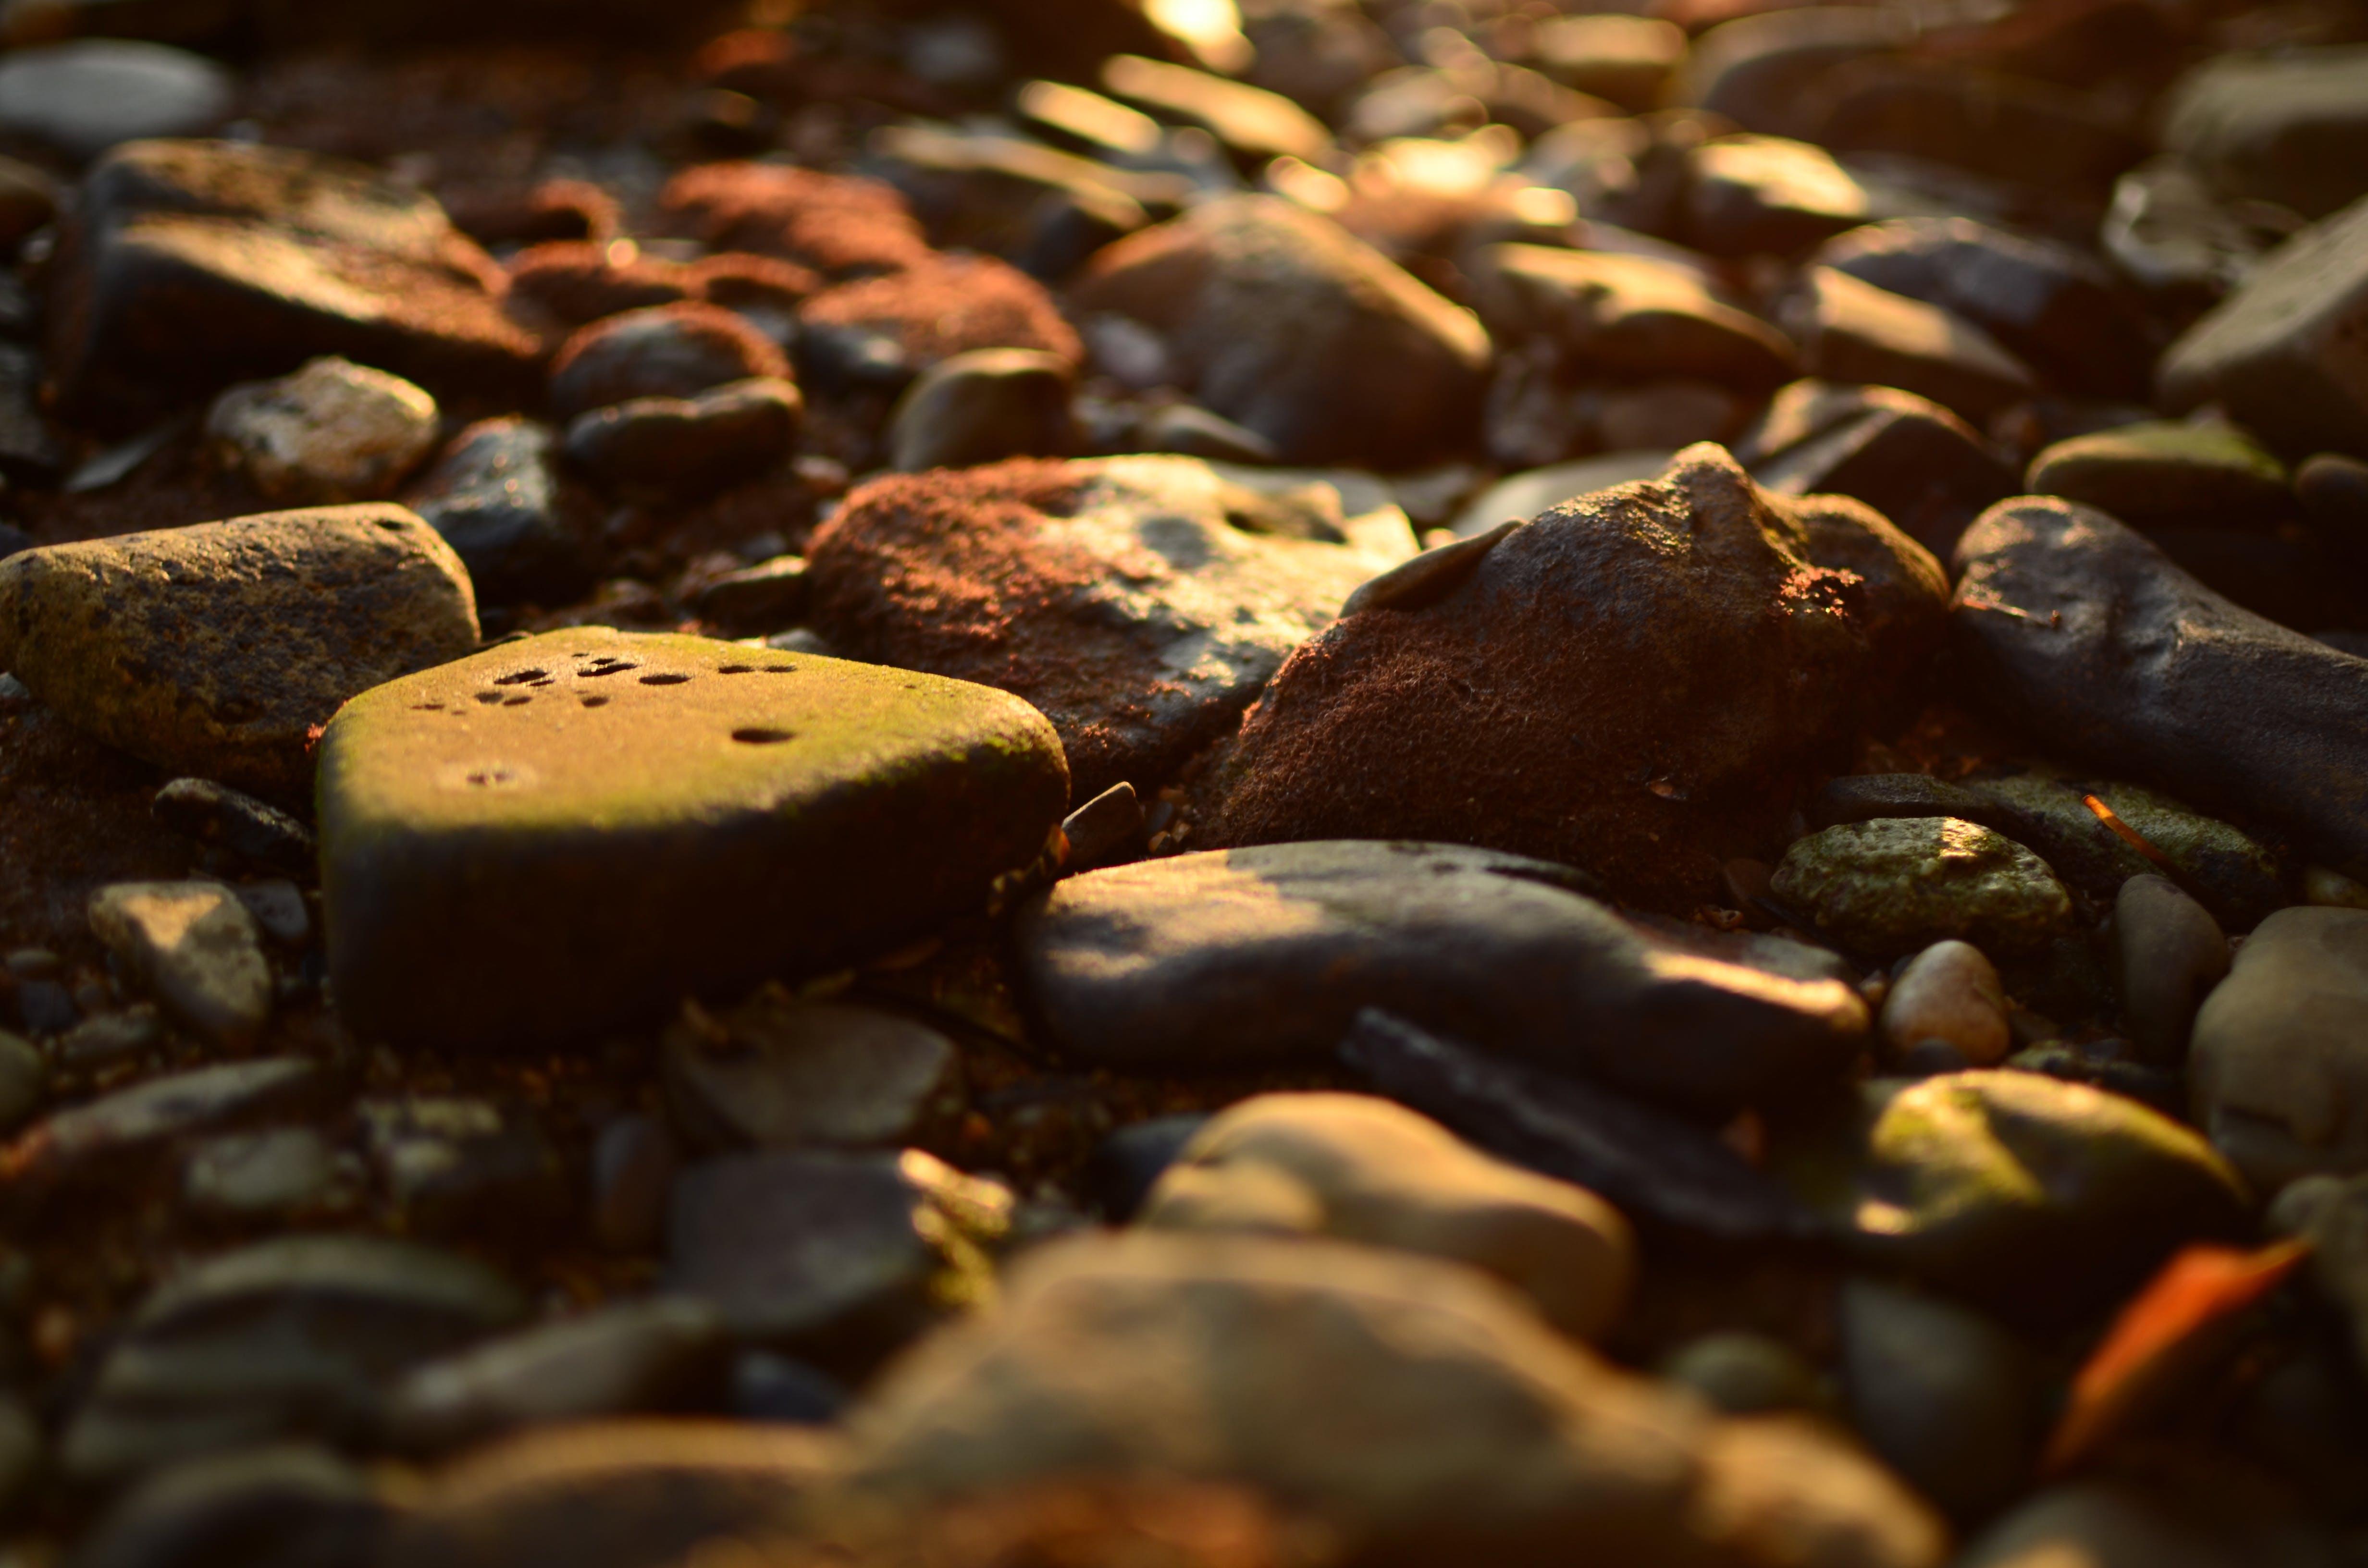 岩, 日光, 石, 色の無料の写真素材